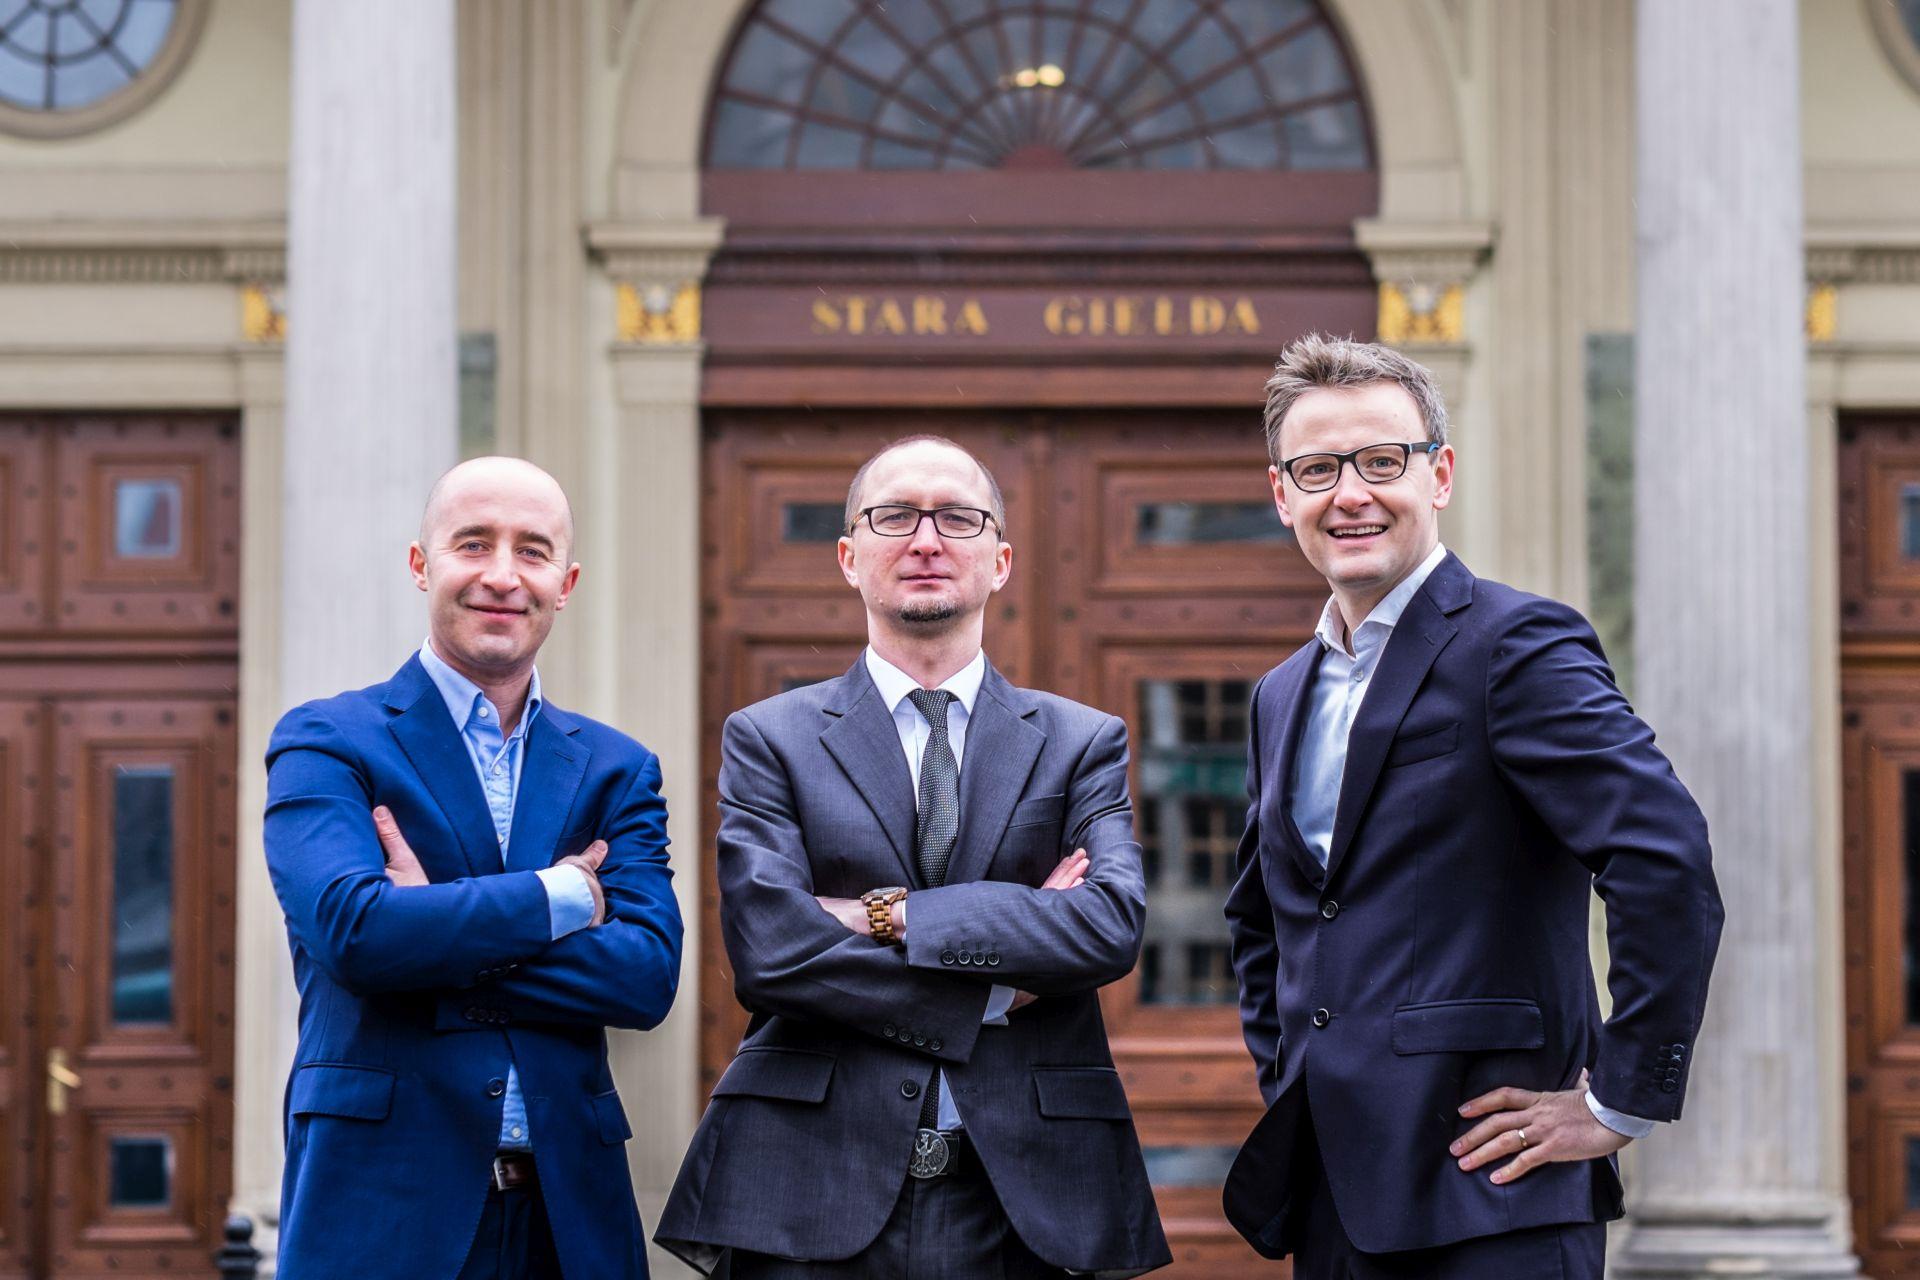 Debiut na giełdzie i zagraniczna ekspansja - TestArmy Group dowodzi, że rośnie znaczenie cyberbezpieczeństwa Cyberbezpieczeństwo testarmy zalozyciele